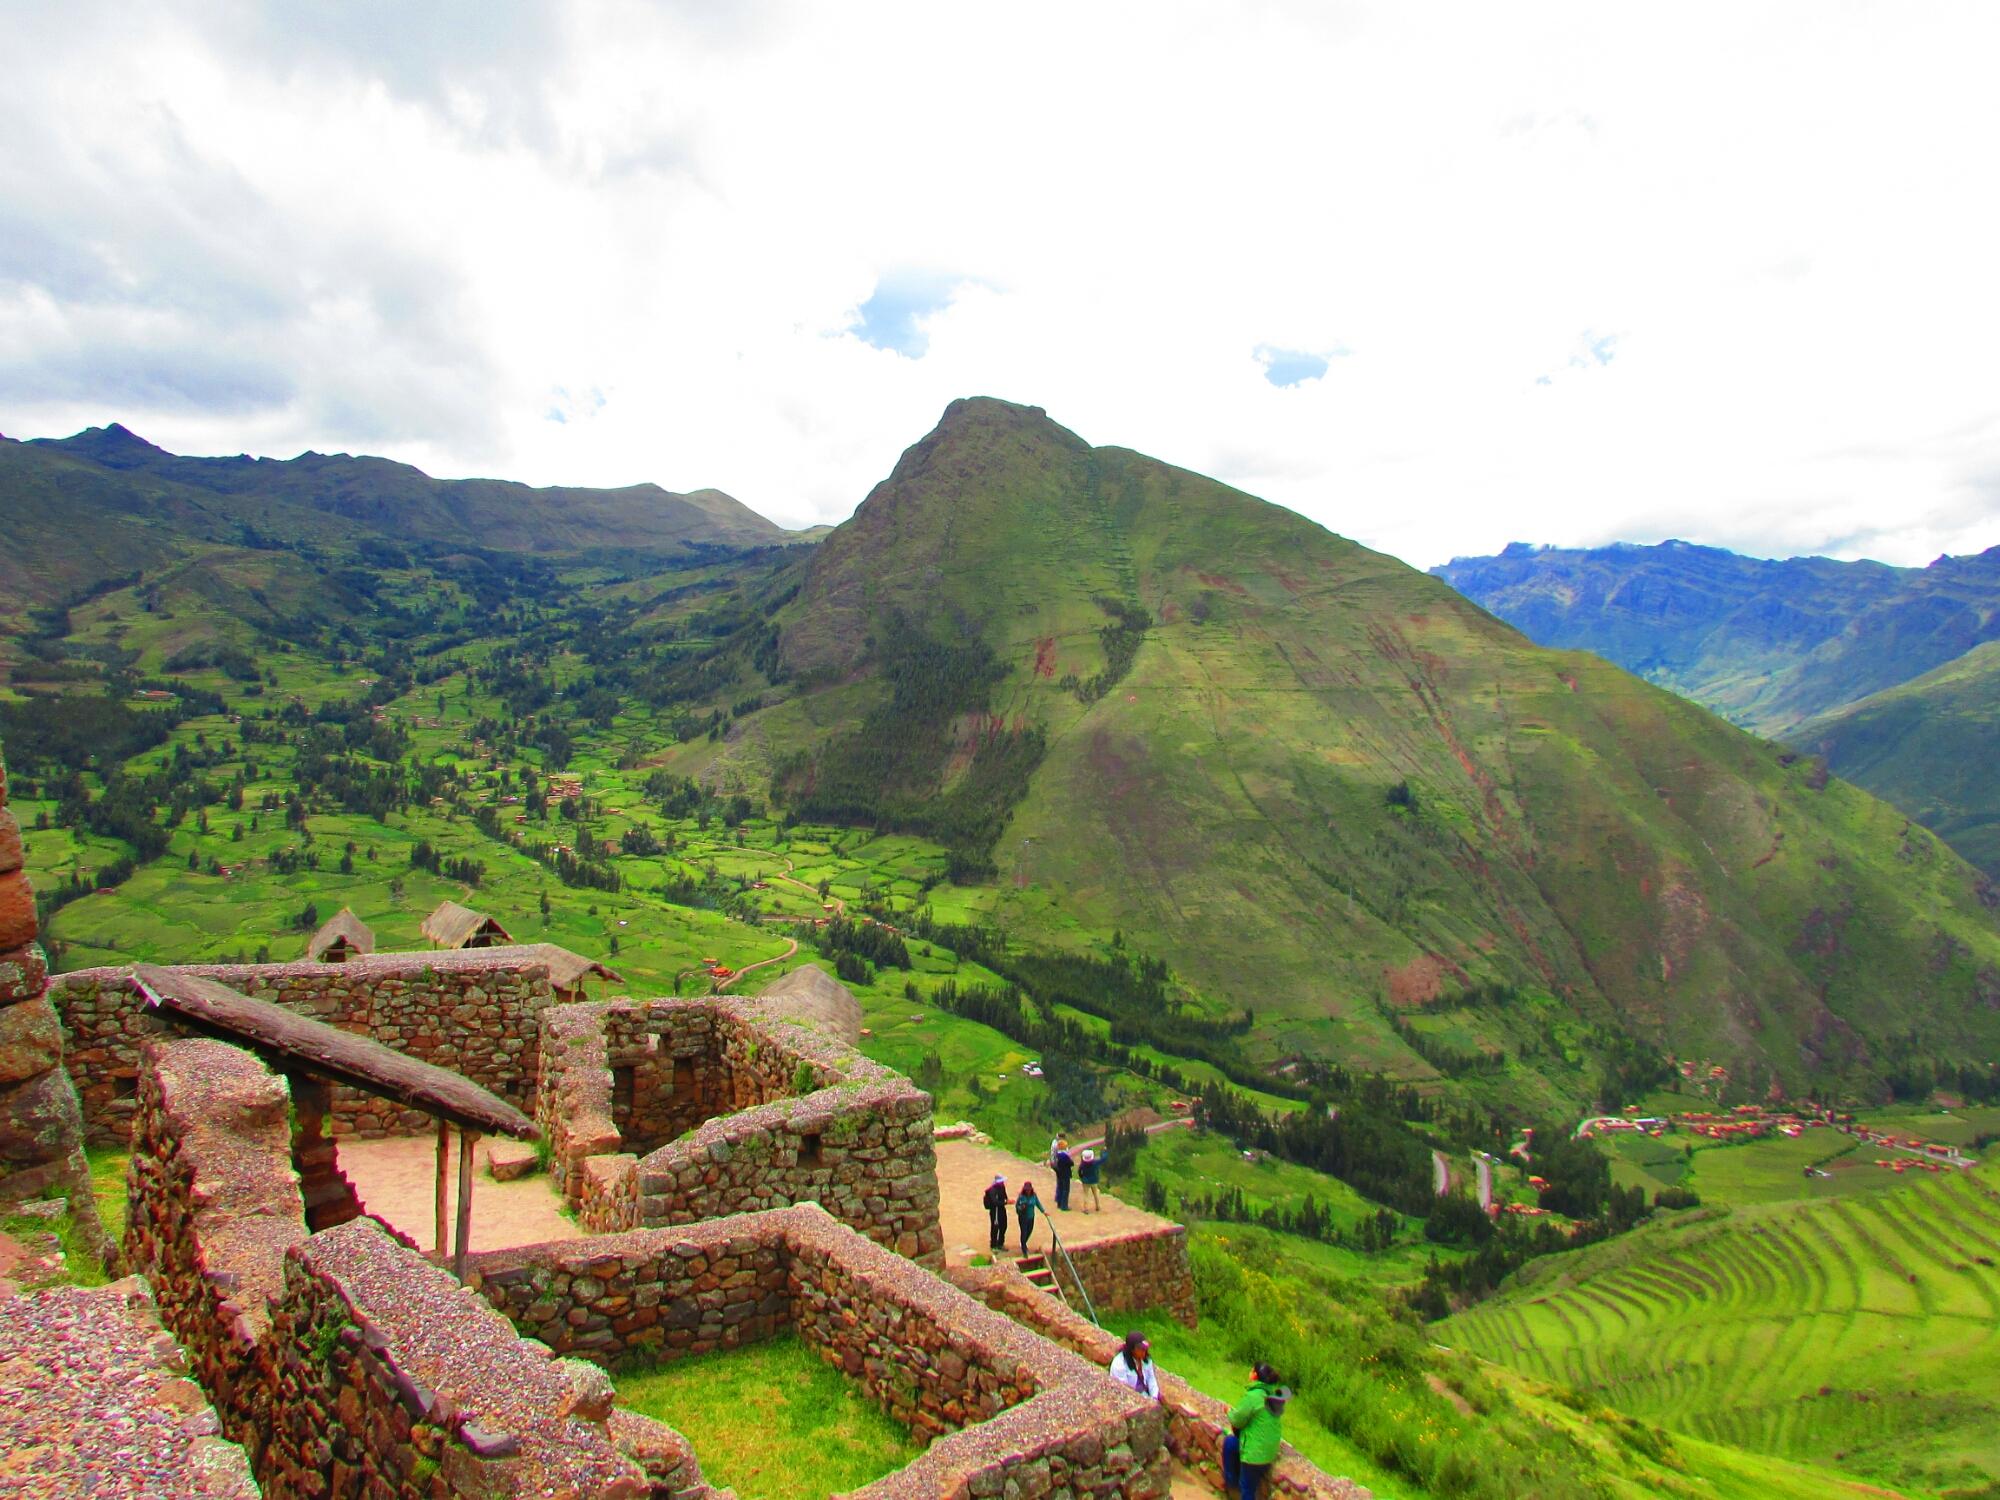 vista desde arriba de parte de la ciudadela inca de Písac en el Valle Sagrado cerca de Cuzco